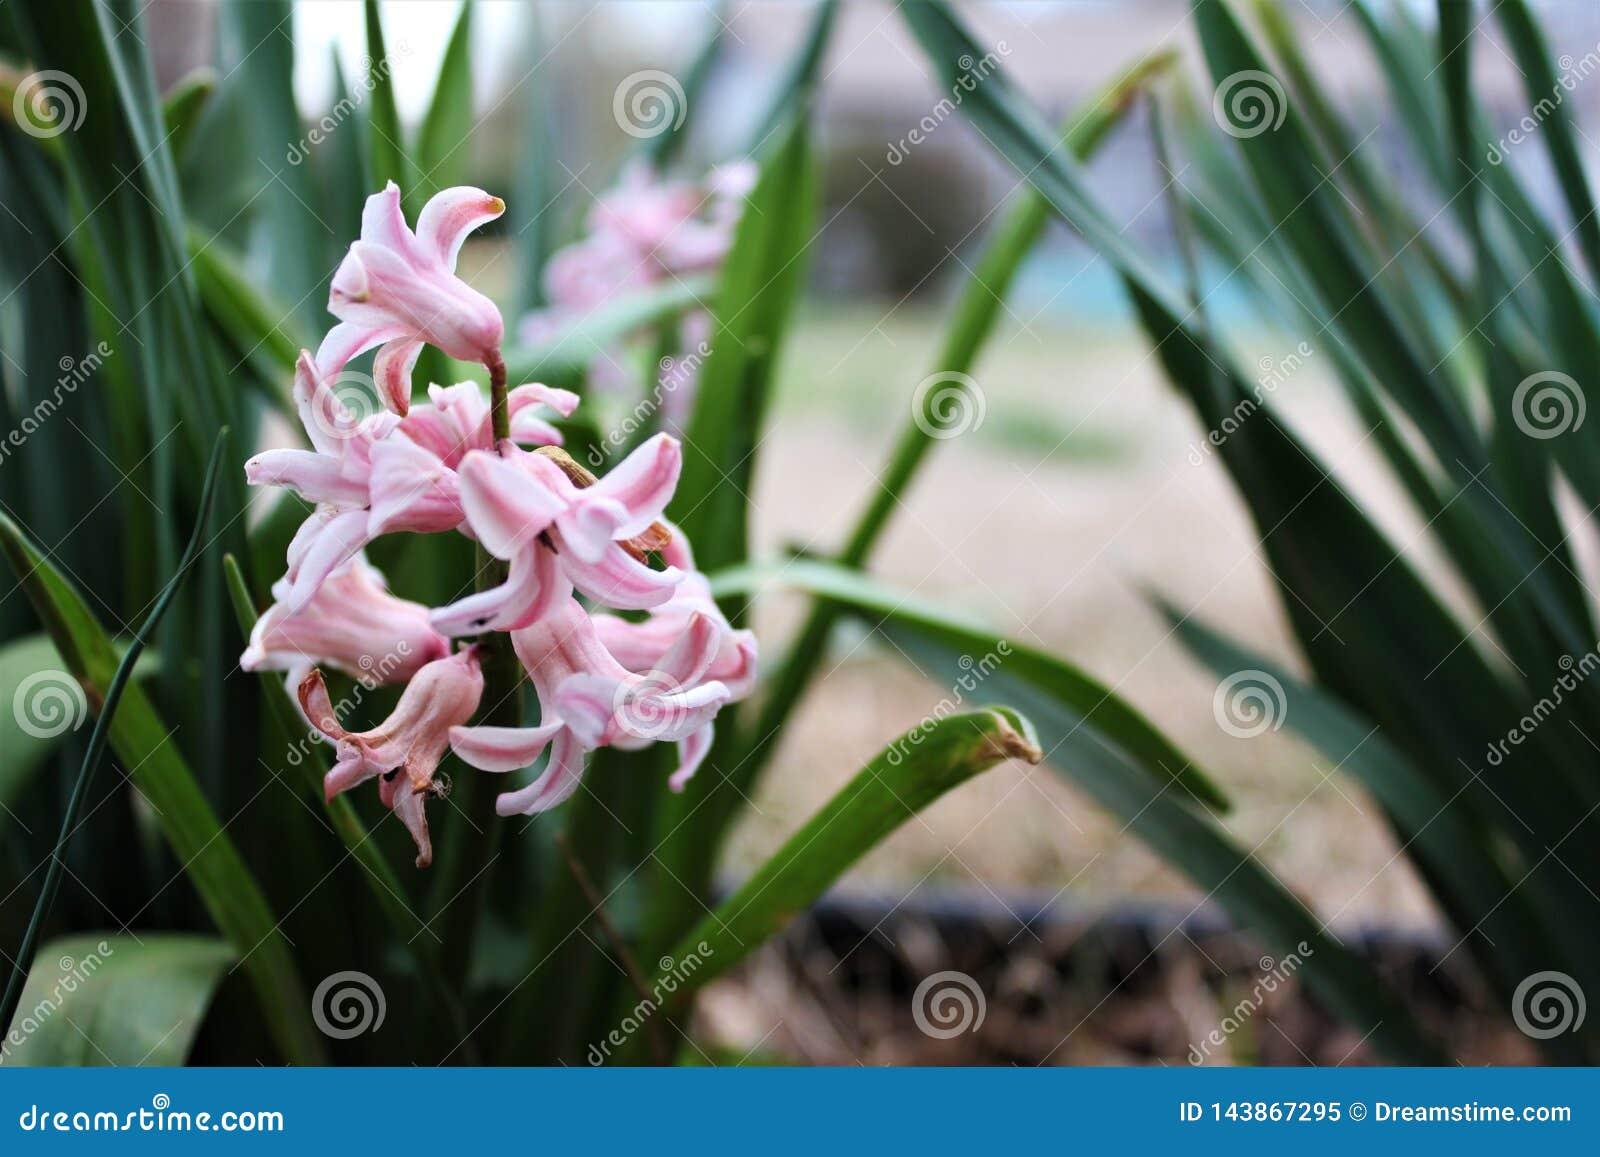 Pink Hyacinth Flower Beautiful